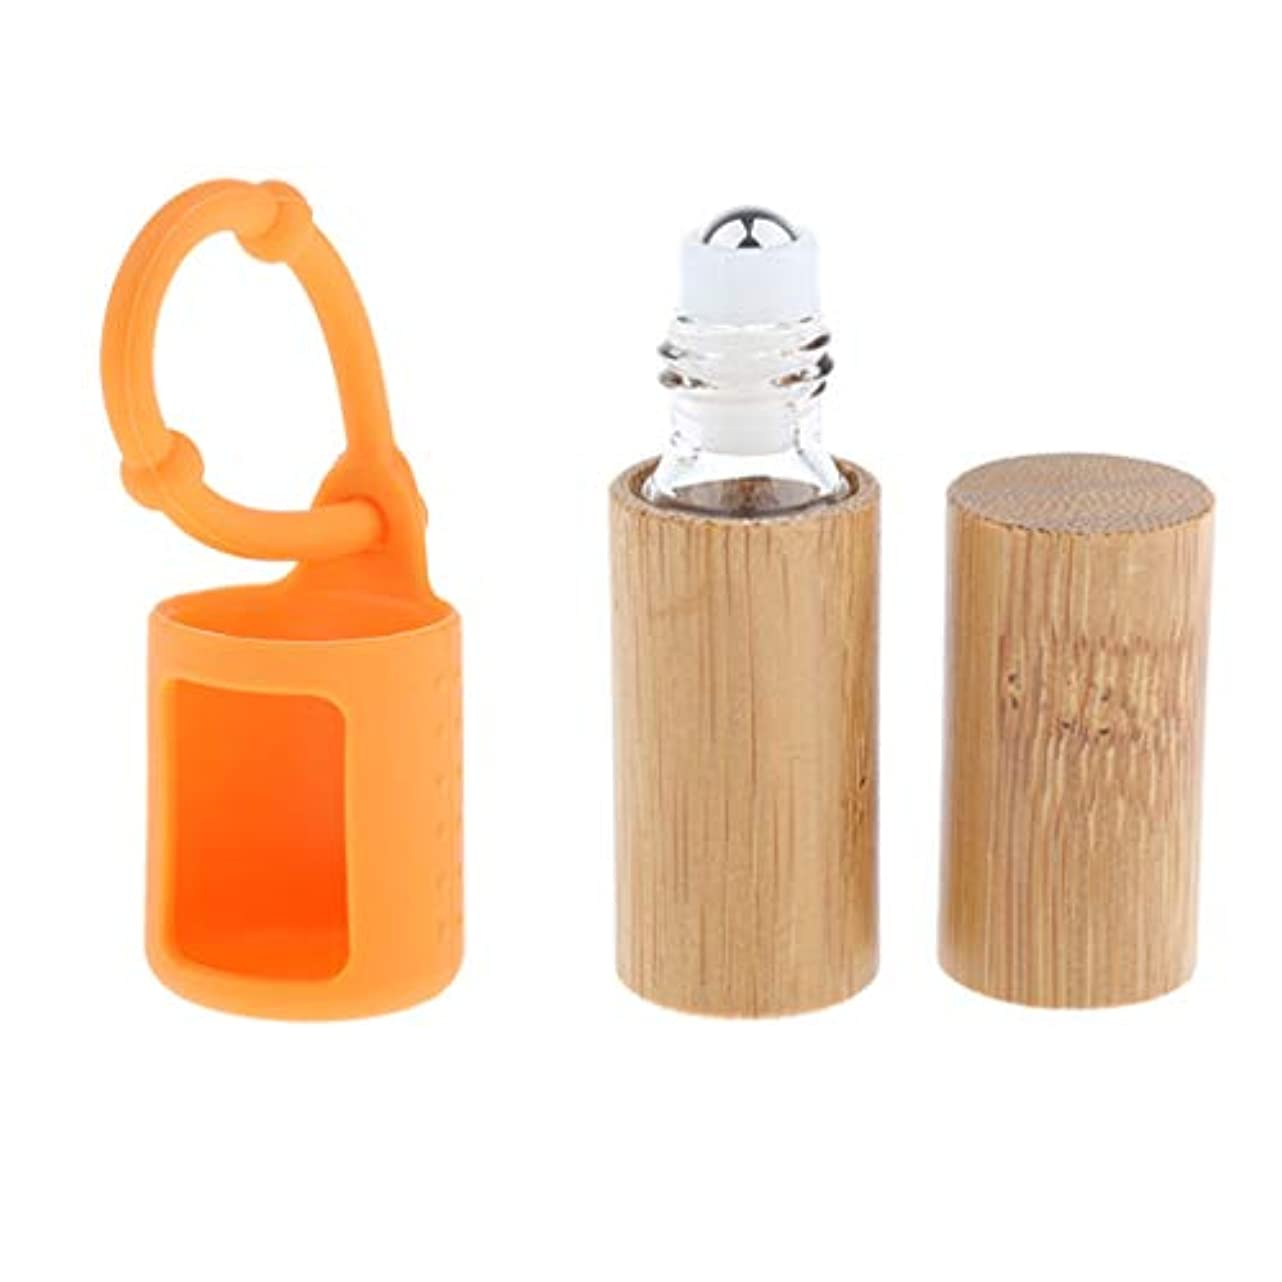 寄稿者投獄むしゃむしゃ竹ボトル エッセンシャルオイル 香水 オイル 精油瓶 詰め替え 5ミリ 吊り掛けバッグ付